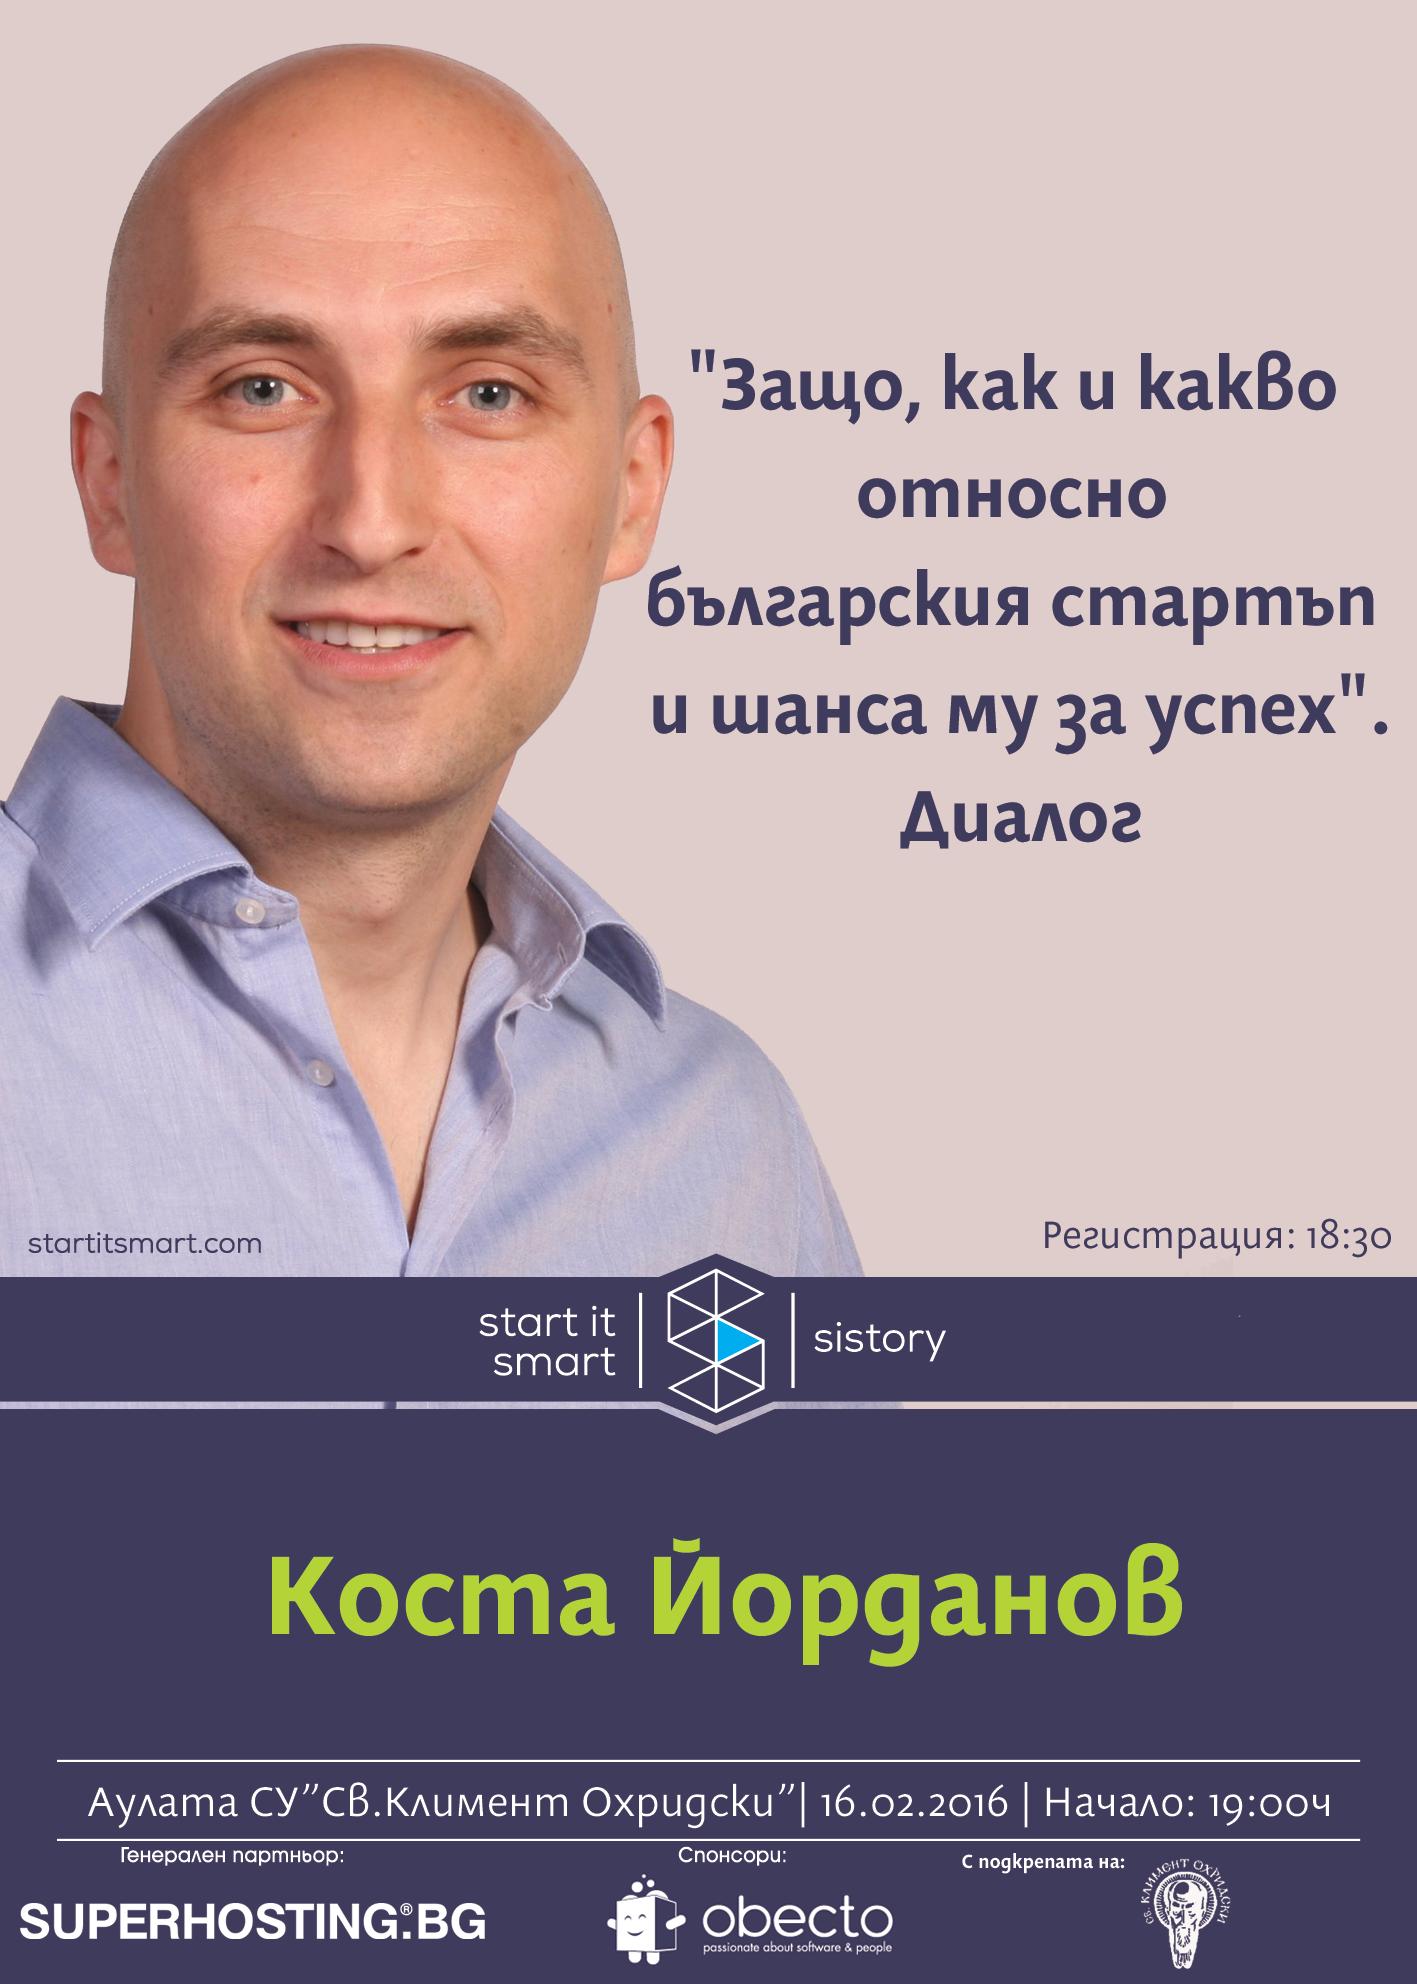 SIStory-Kosta-Yordanov